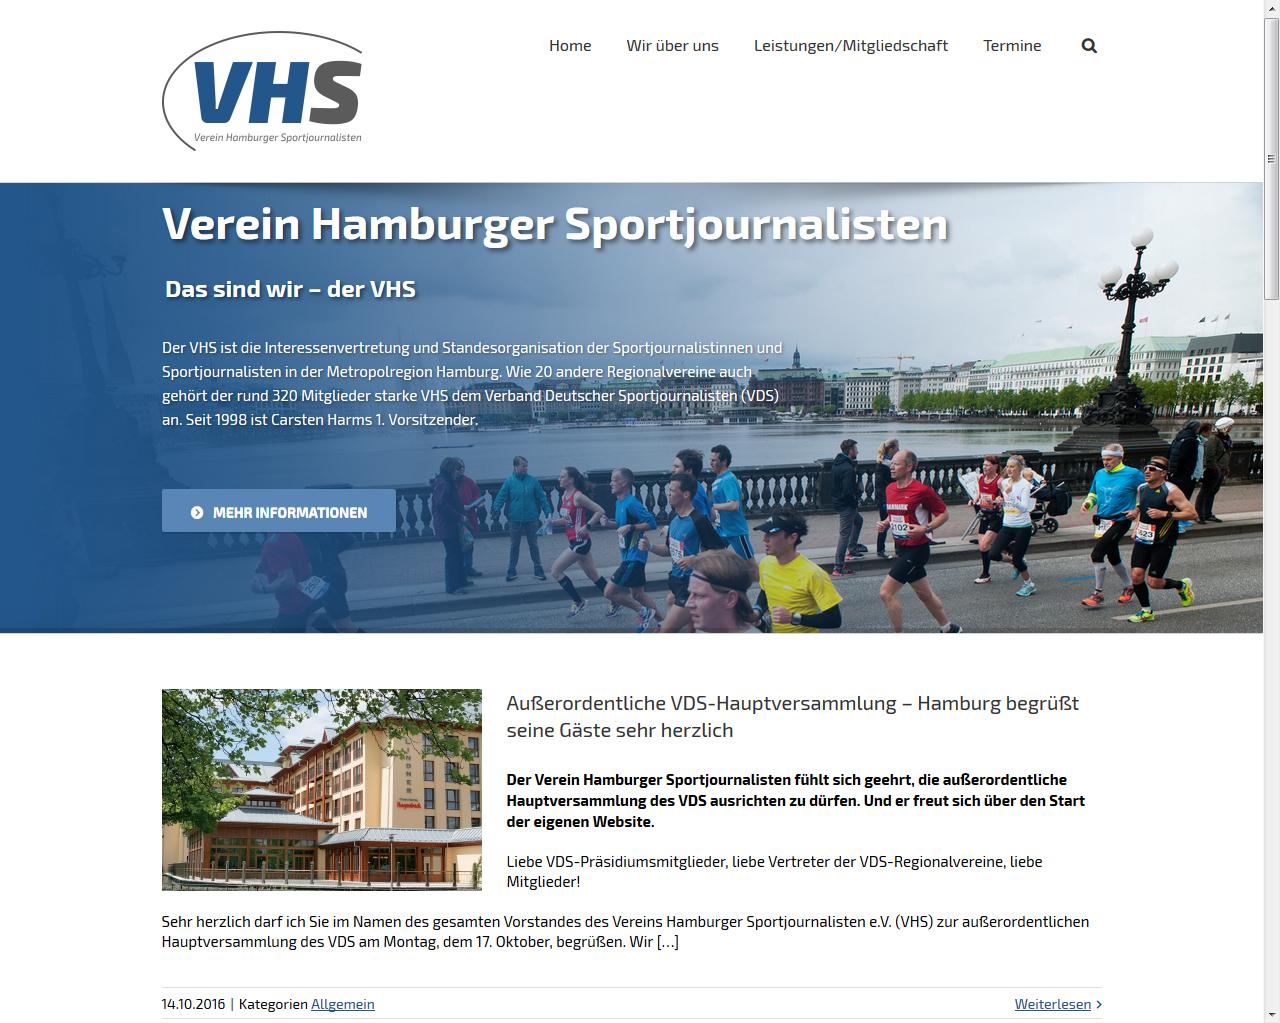 vhs-sportjournalisten